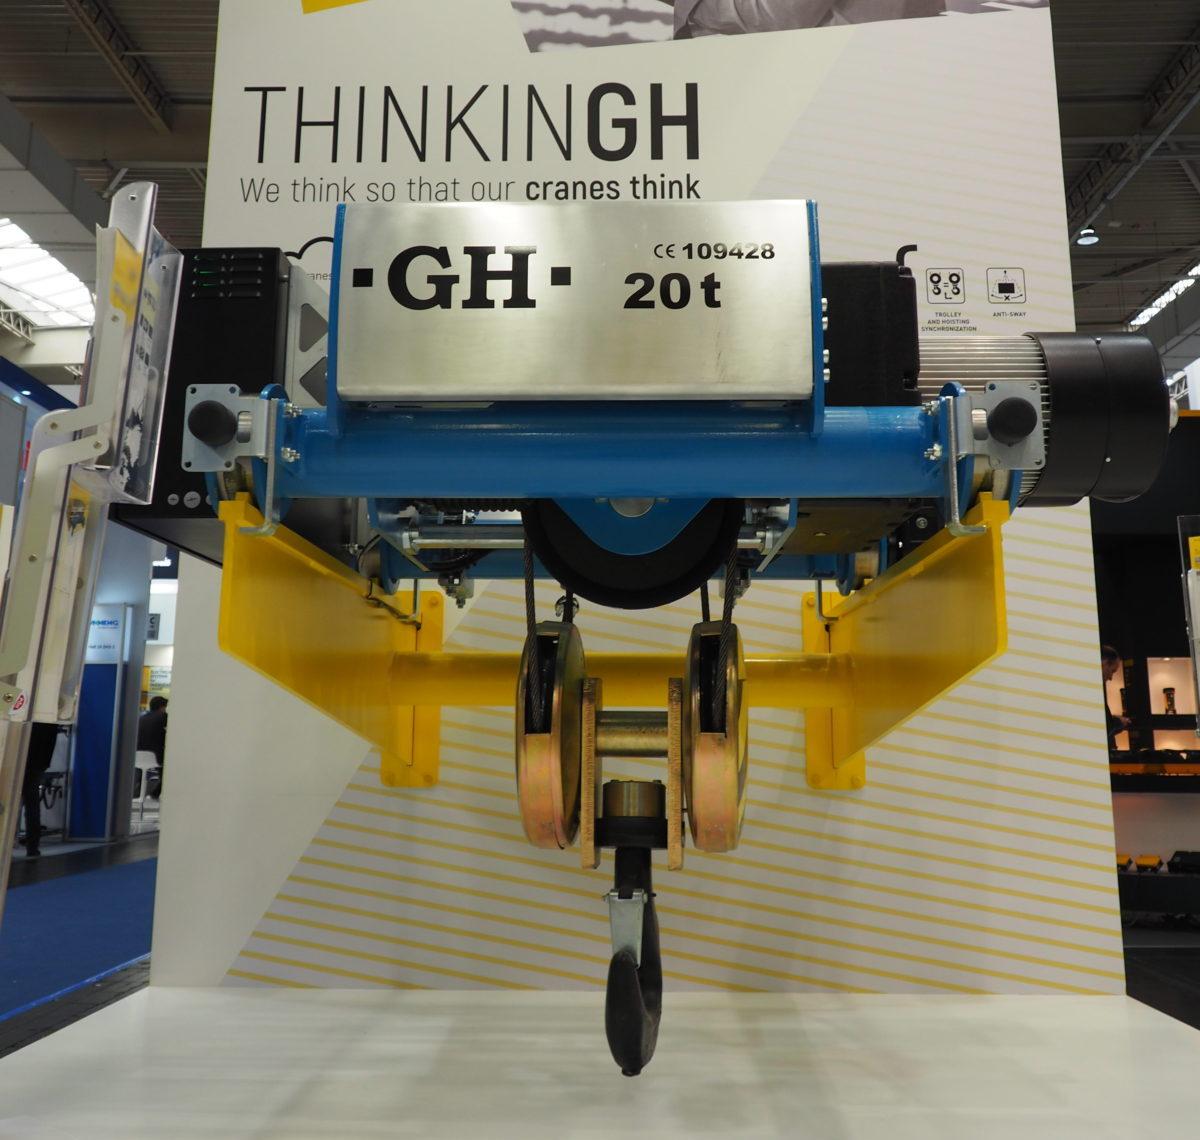 GHE17 hoist